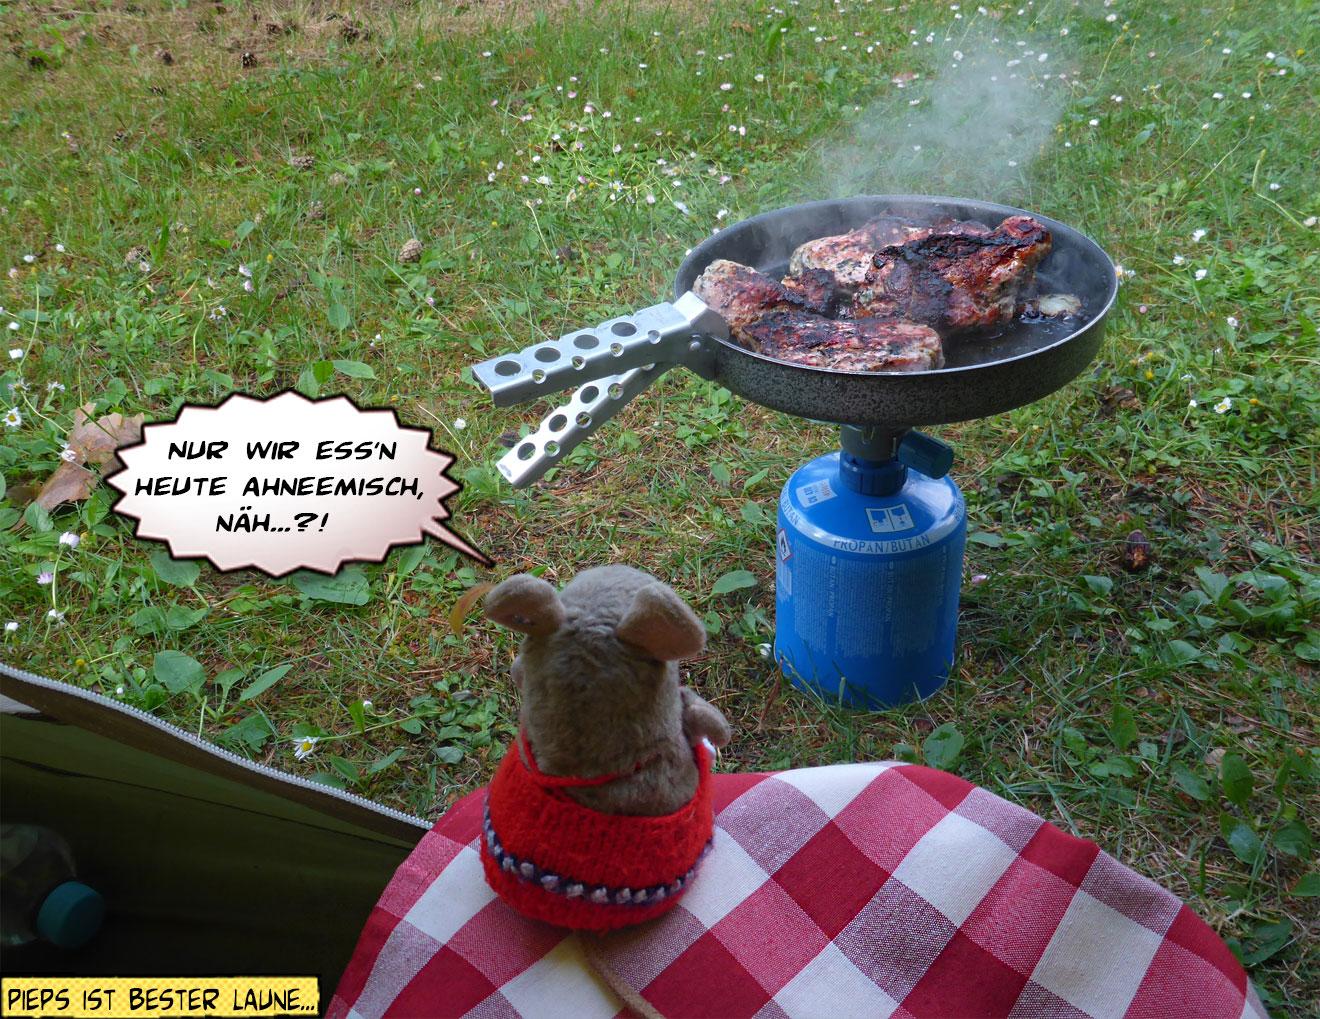 Fleisch braten beim Camping